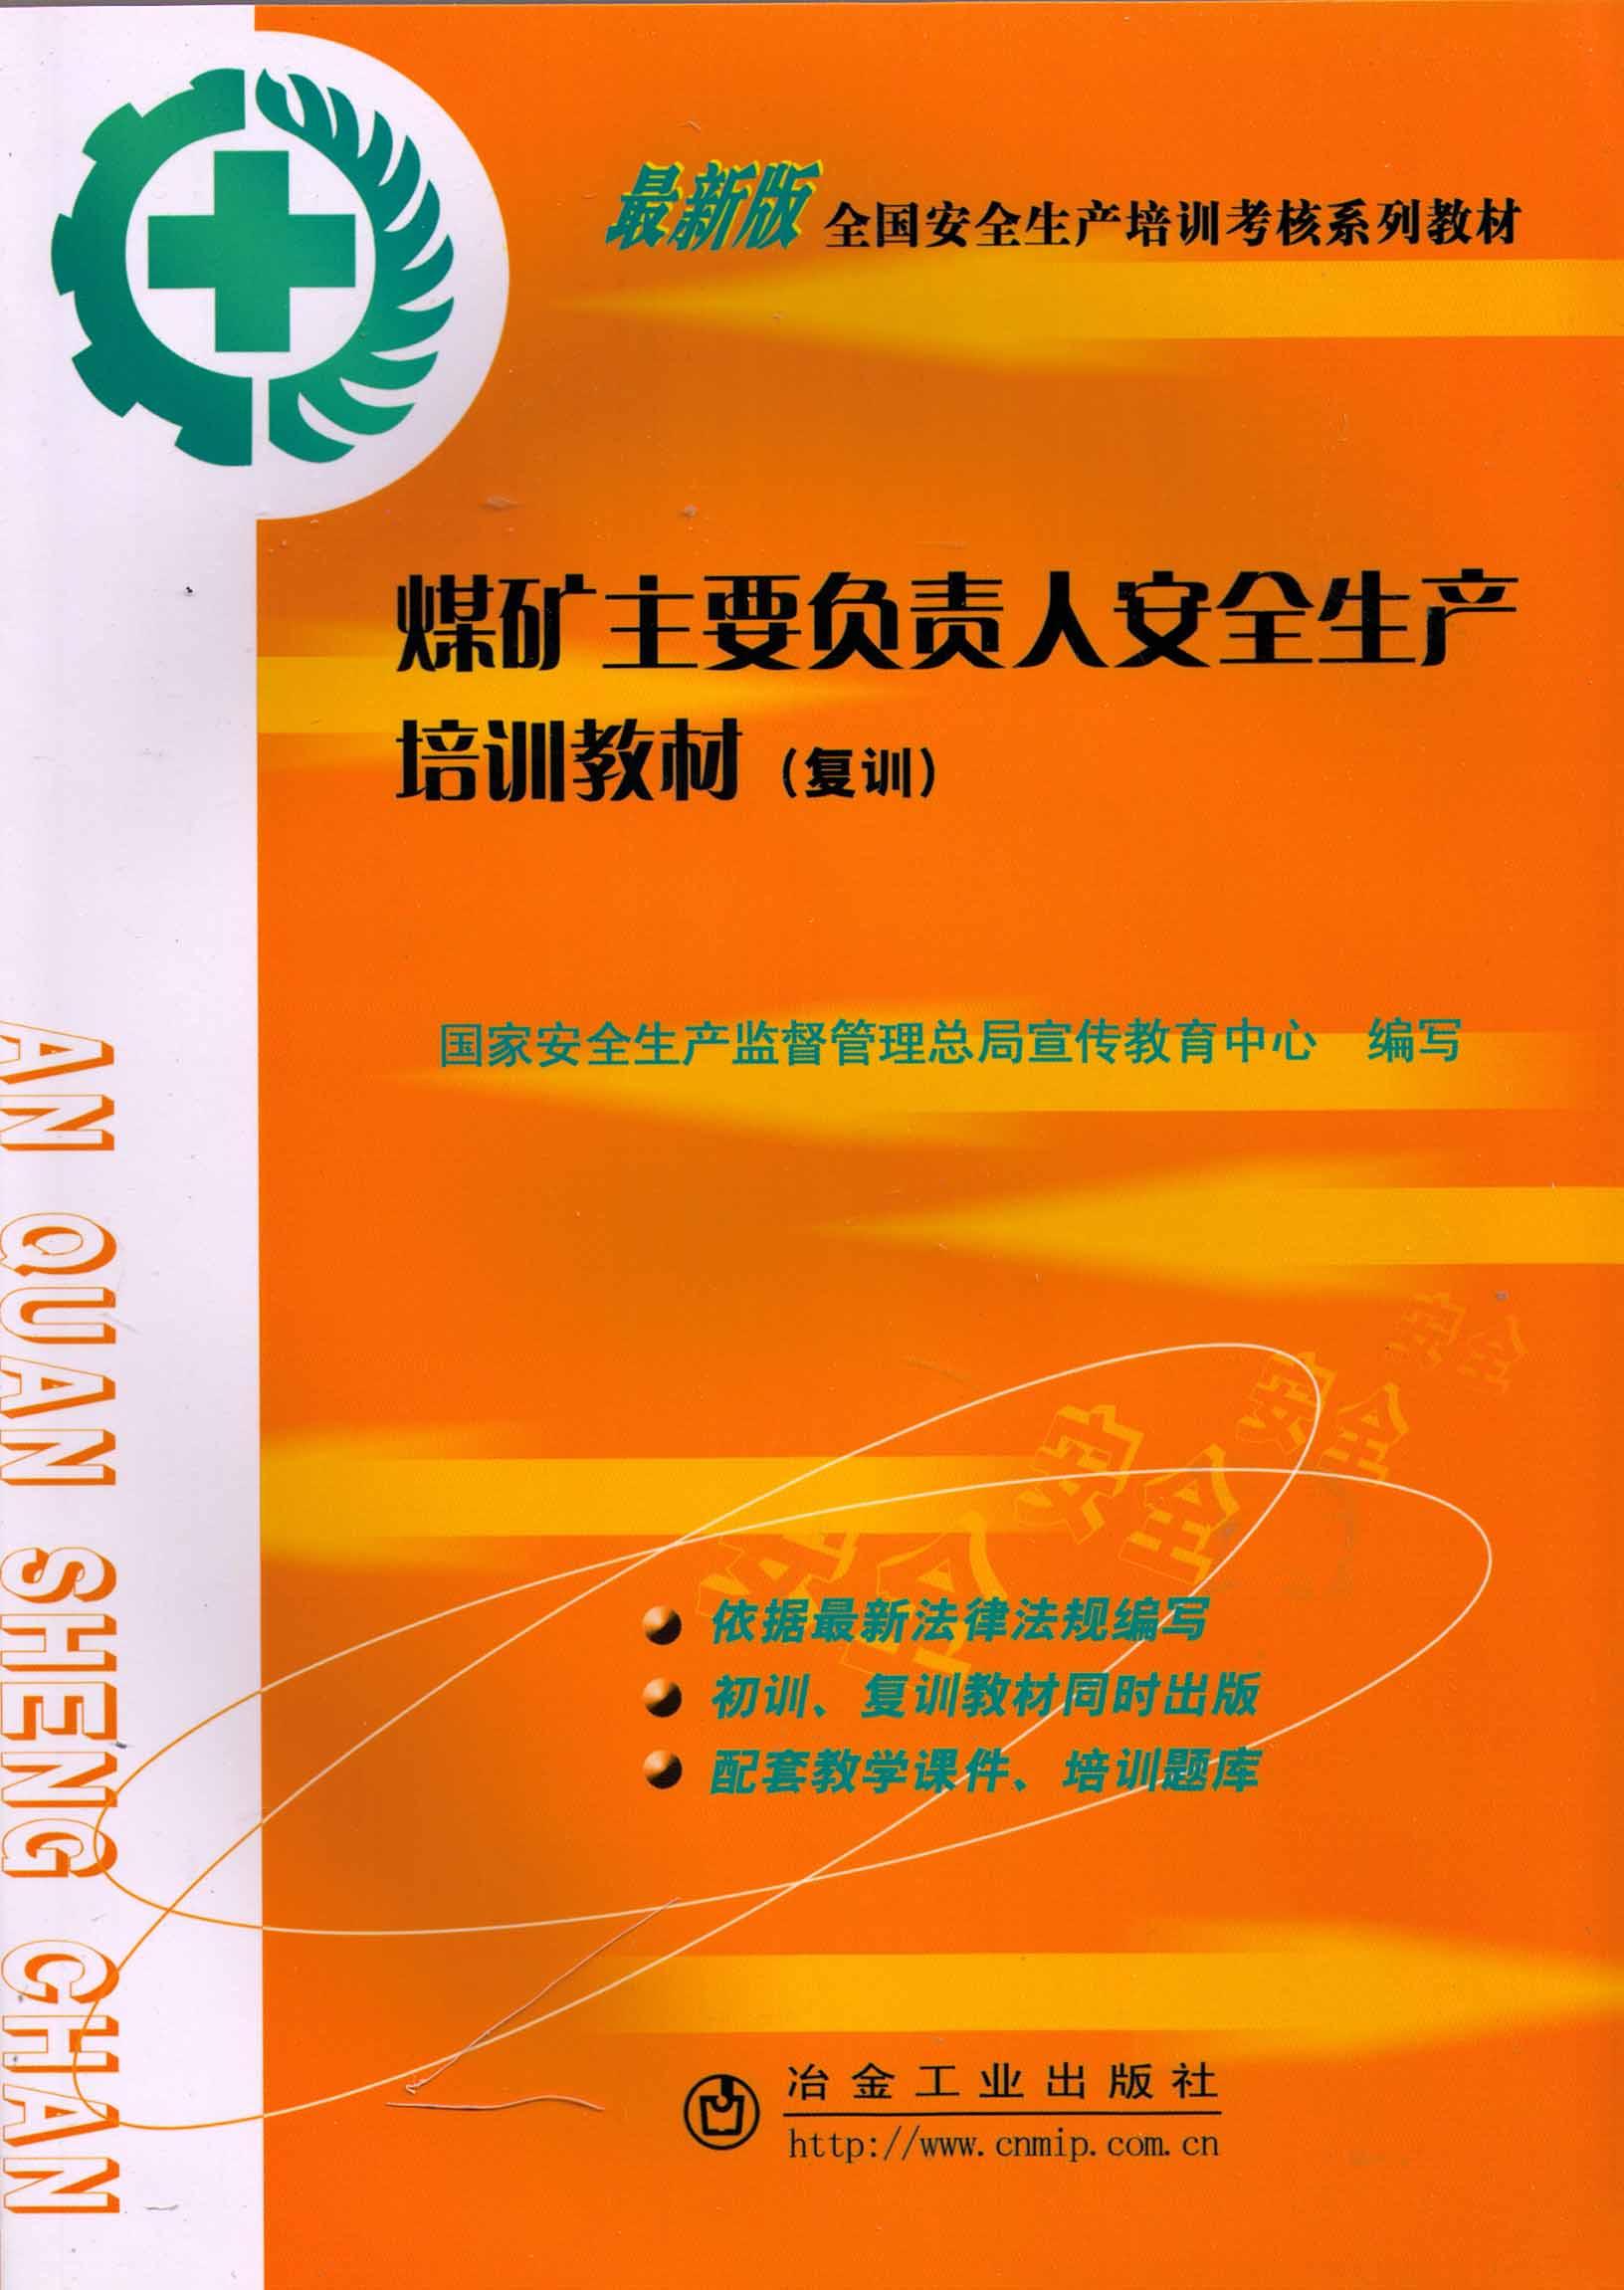 煤矿主要负责人腾博会生产培训教材(复训)(煤矿腾博会培训教材系列)